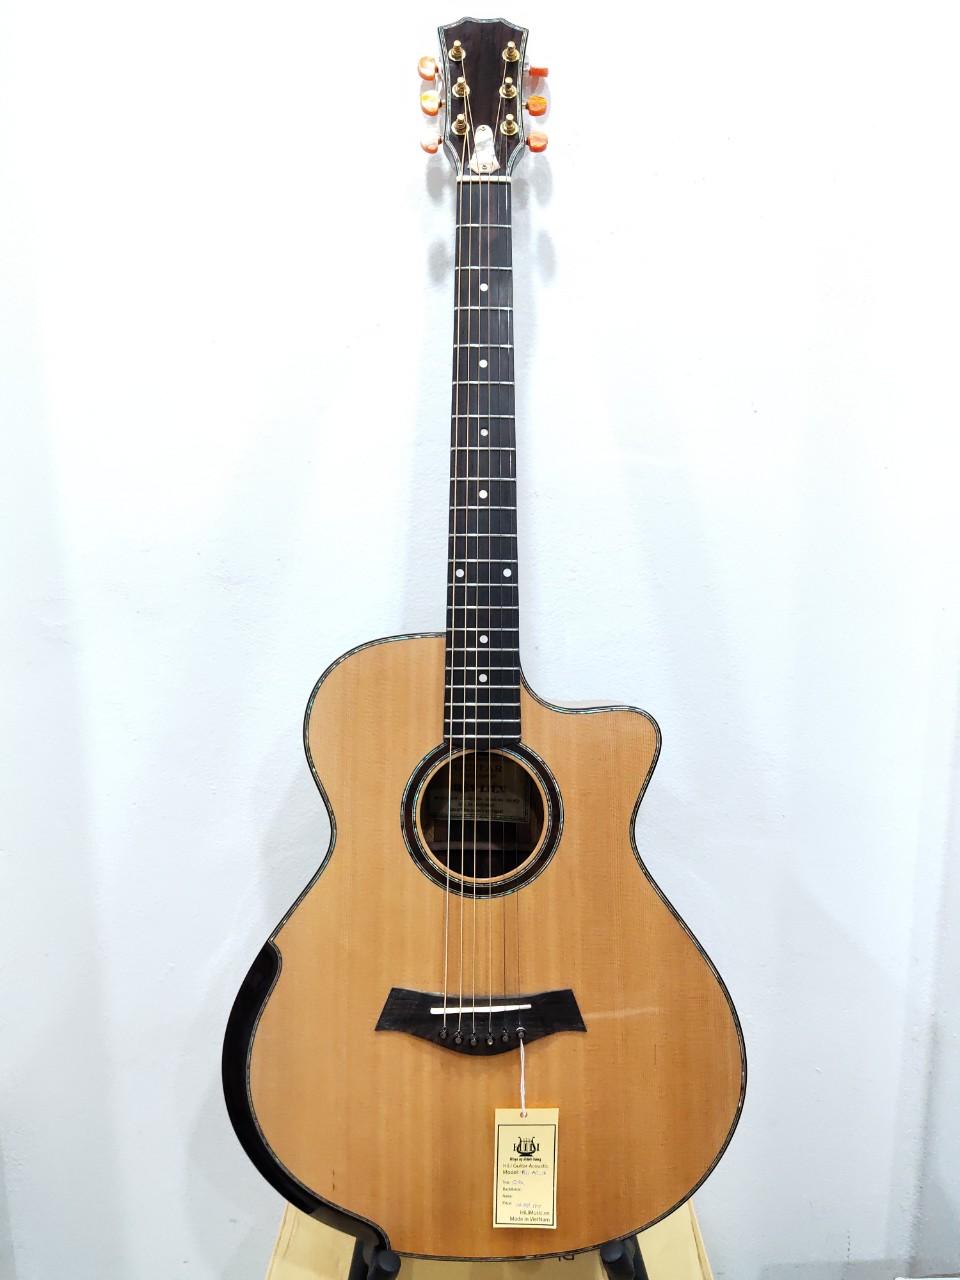 Đàn Guitar Acoustic AG-26 kỹ